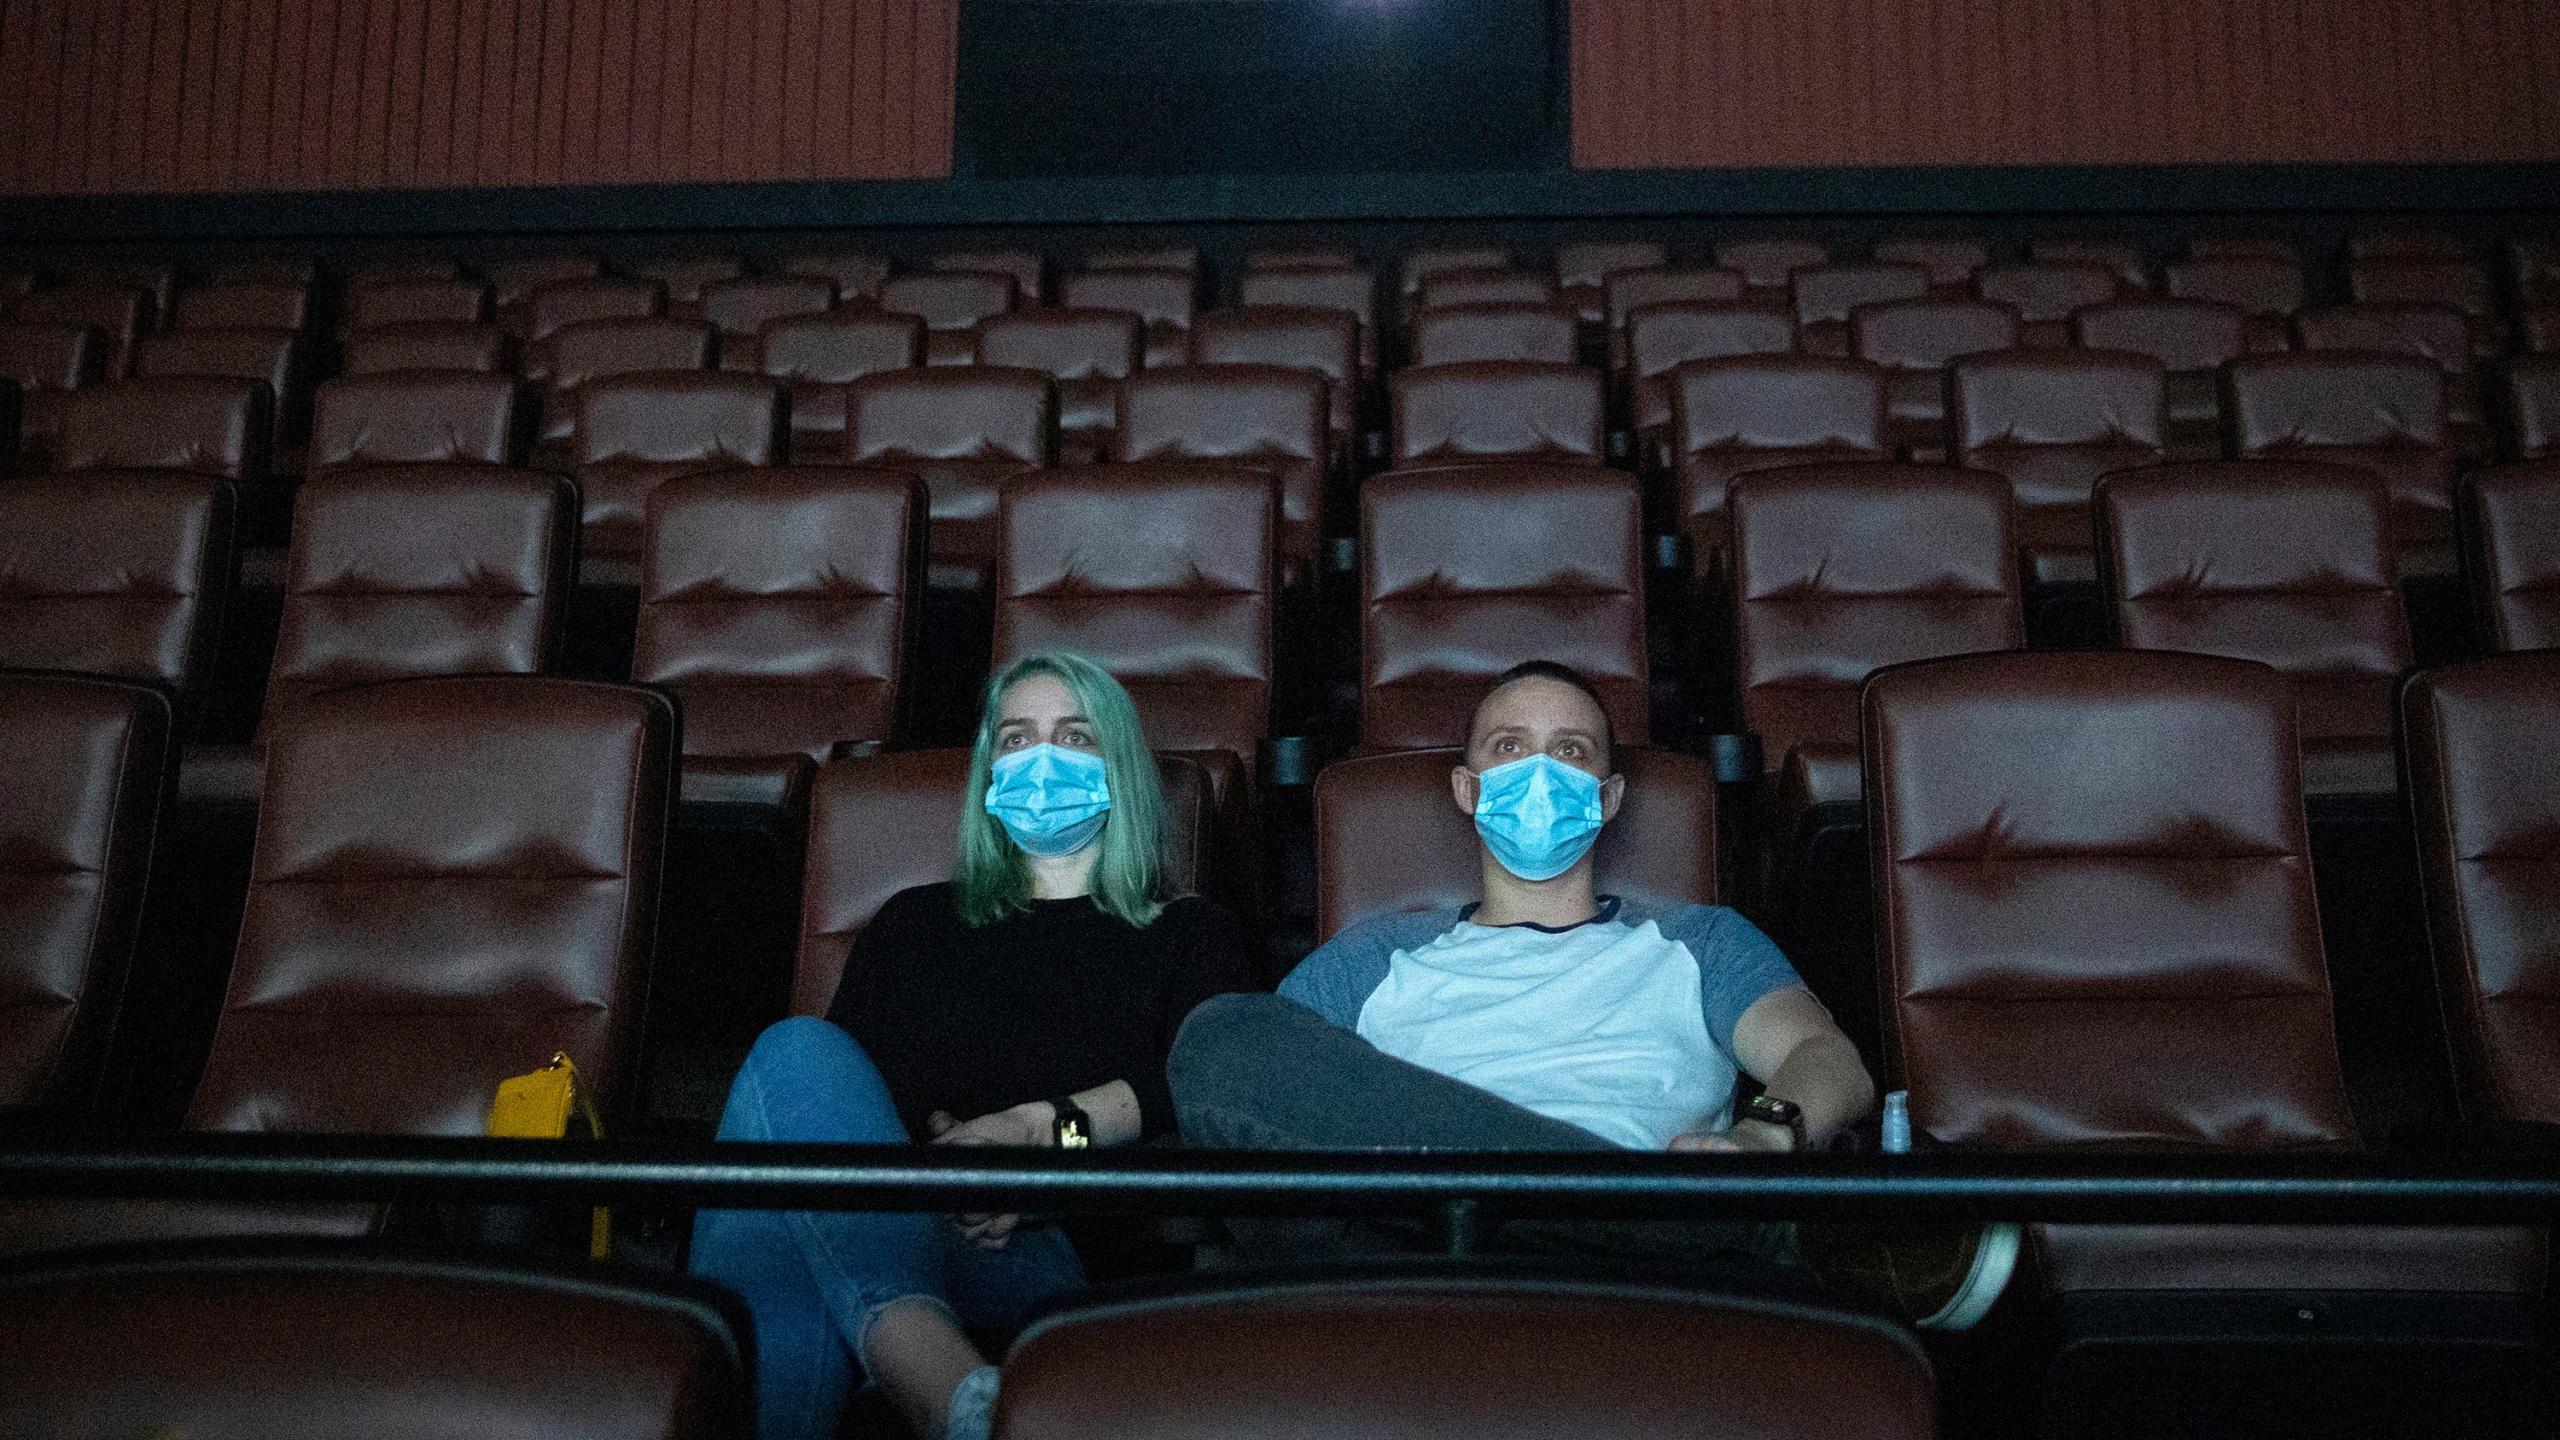 ¿Los estudios necesitarán de las salas de cine en el futuro?